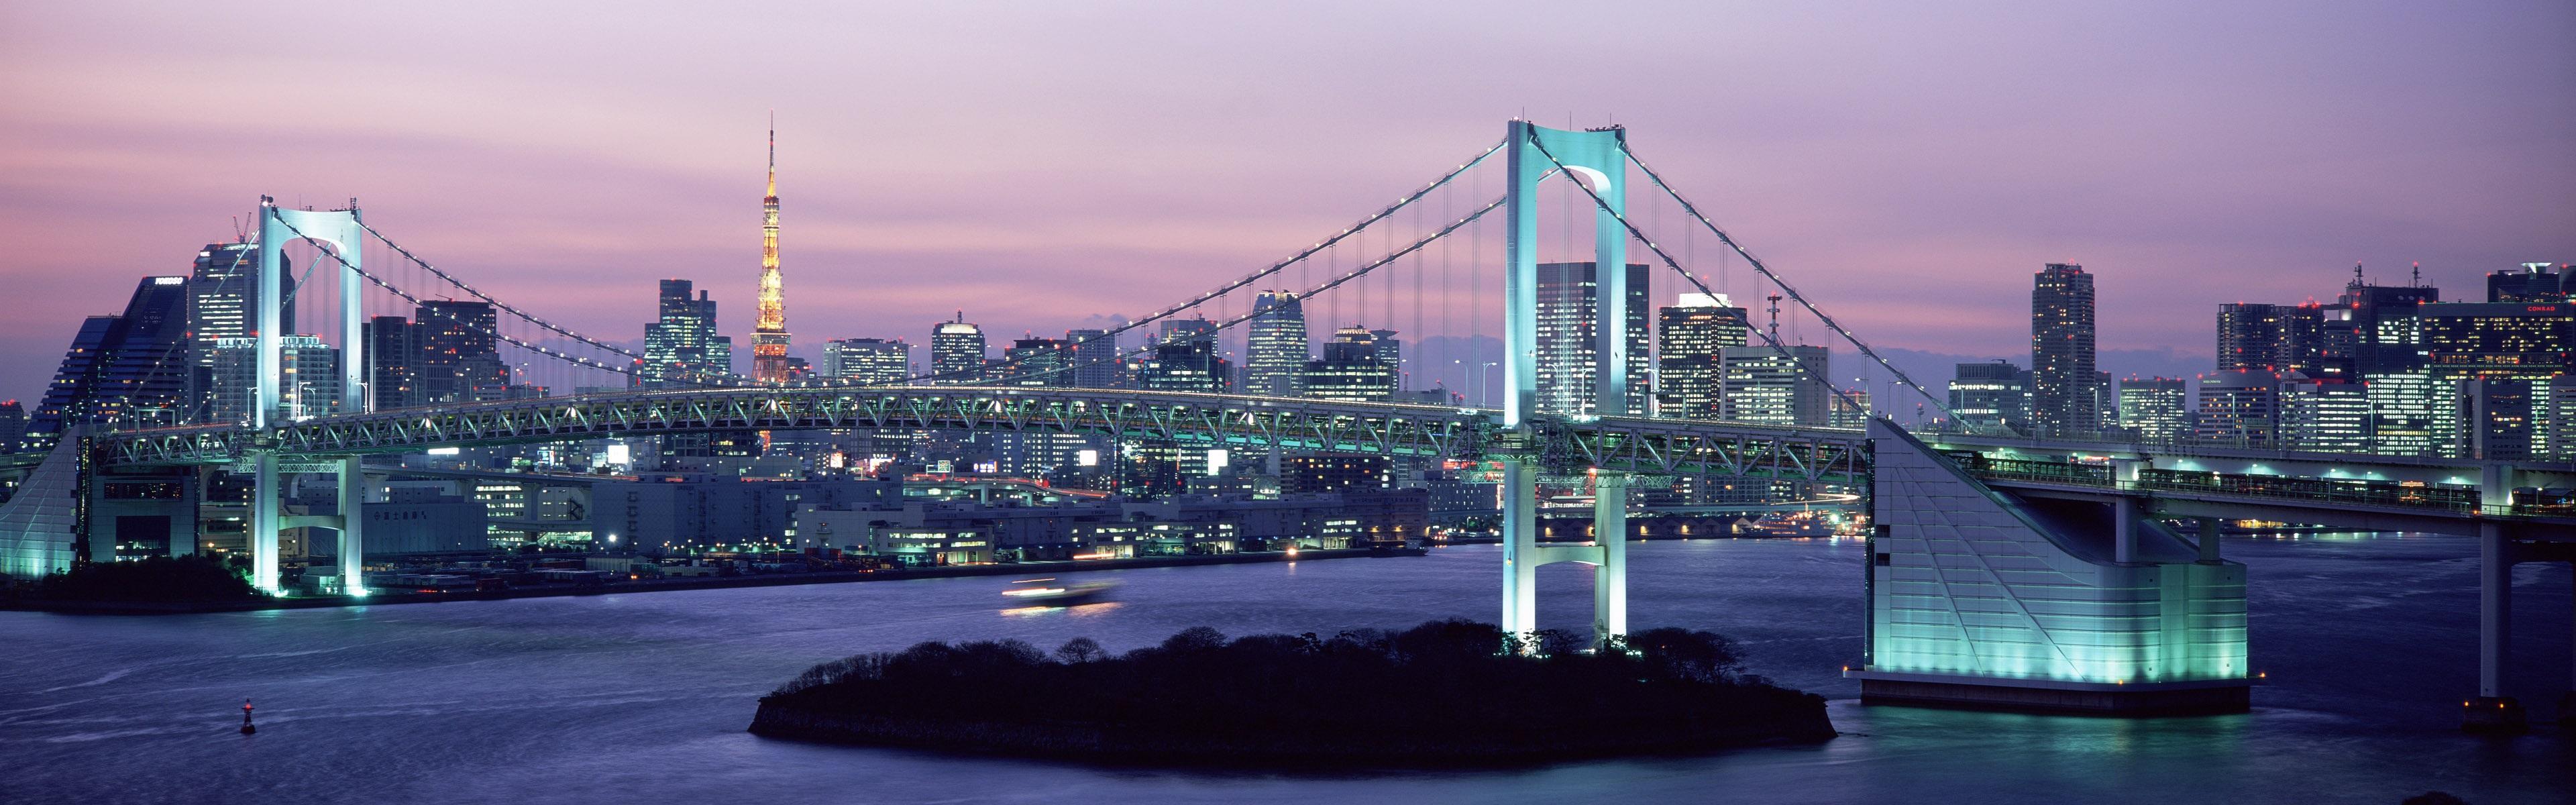 壁紙 レインボーブリッジ 夕暮れ 高層ビル ライト 東京 日本 3840x10 マルチモニターパノラマ 無料のデスクトップの背景 画像